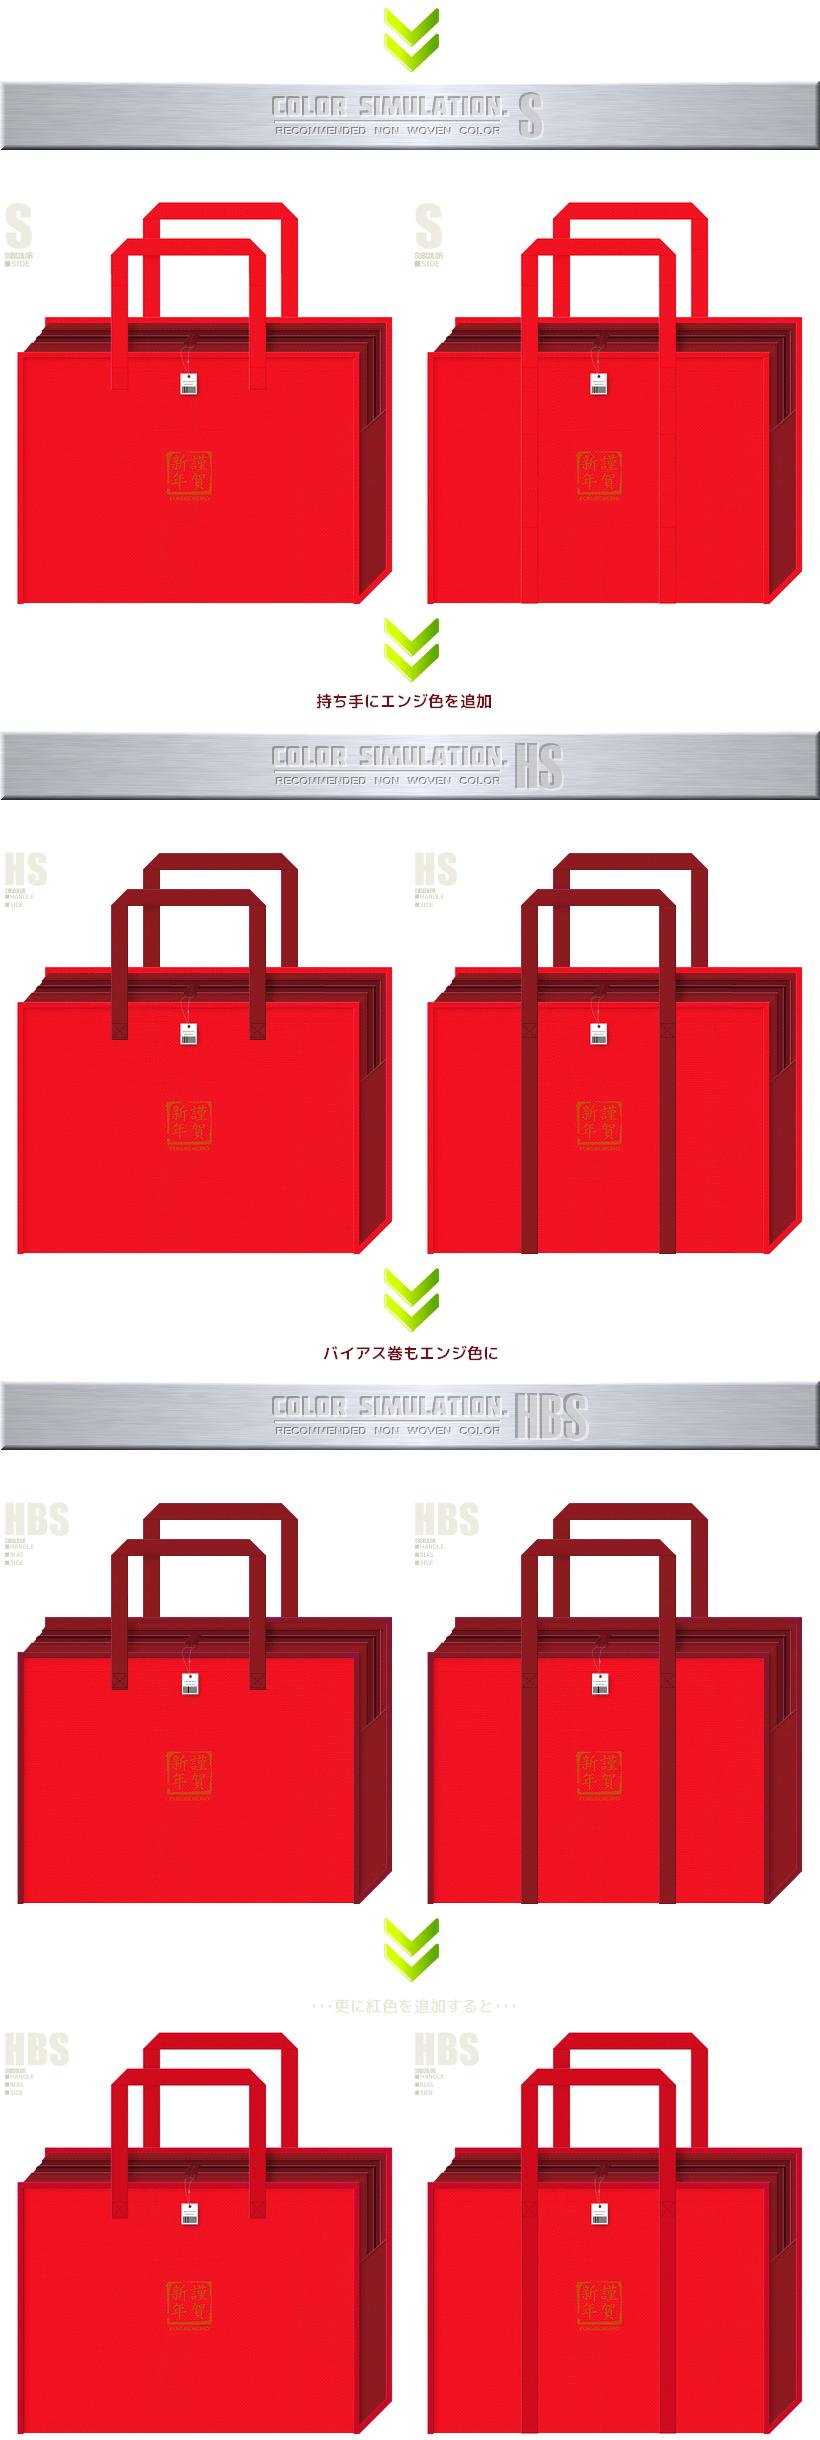 赤色・臙脂色・紅色の不織布を使用した不織布バッグデザイン:福袋のカラーシミュレート